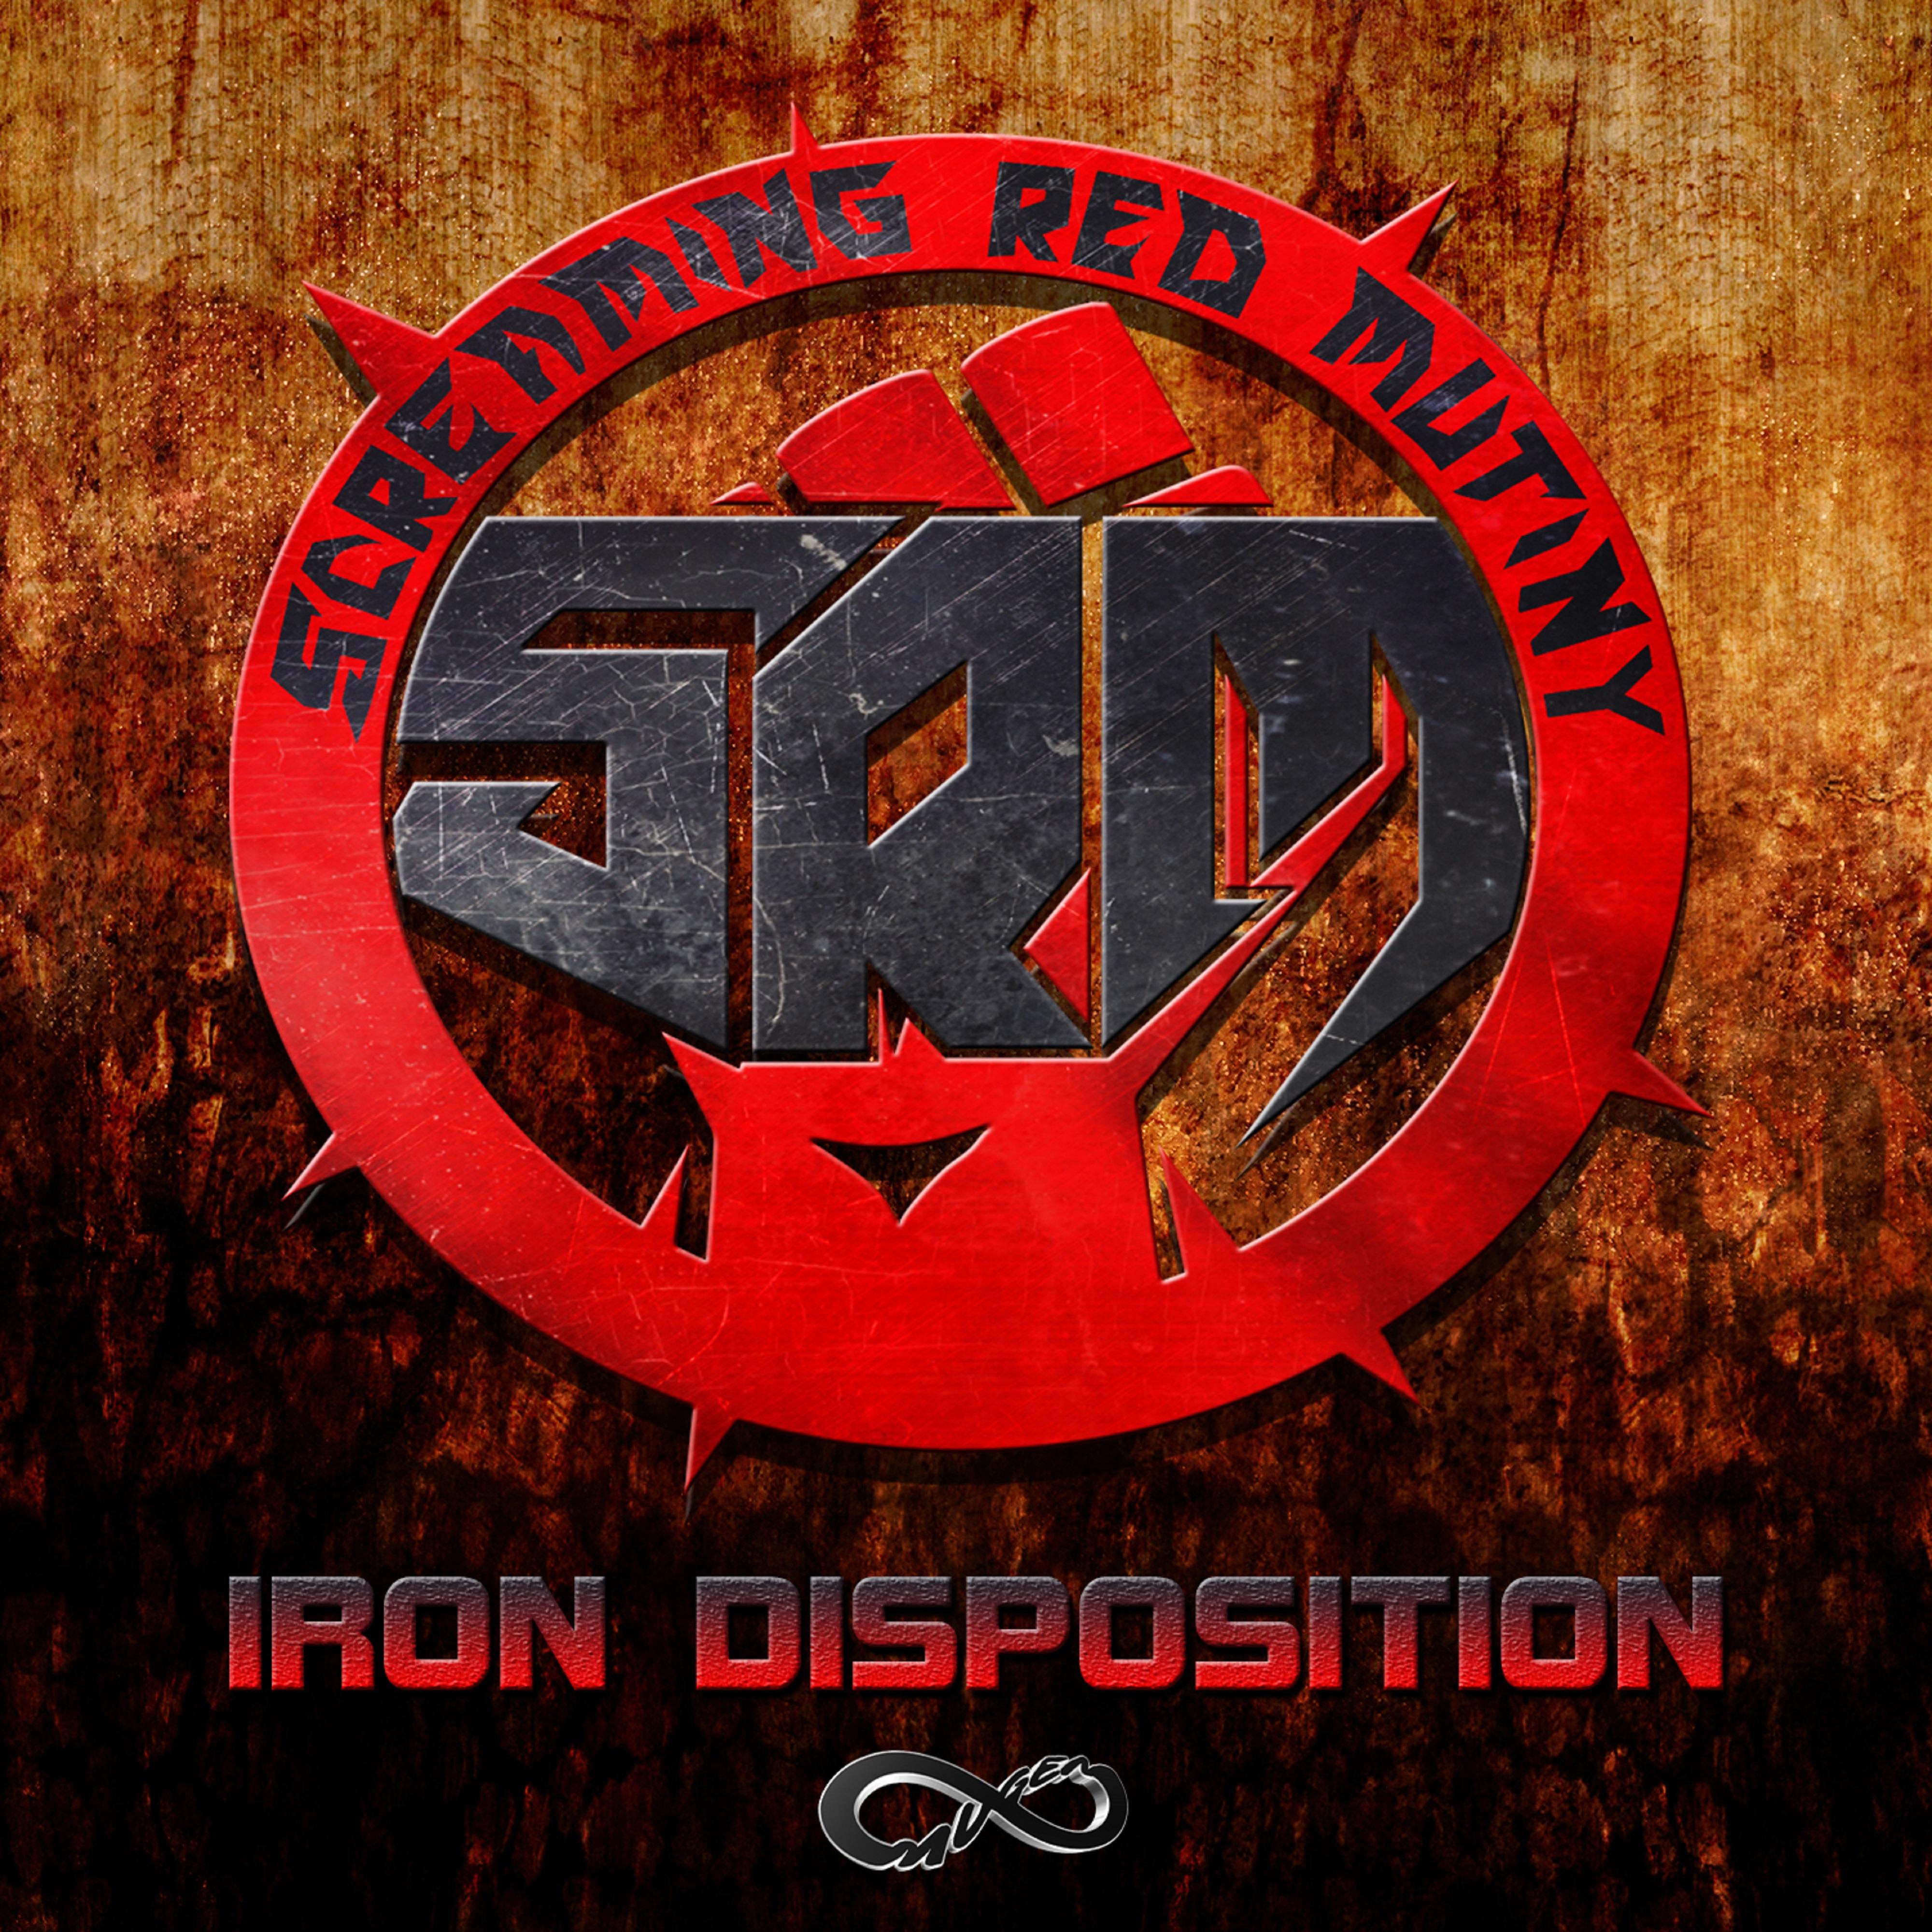 iron srm